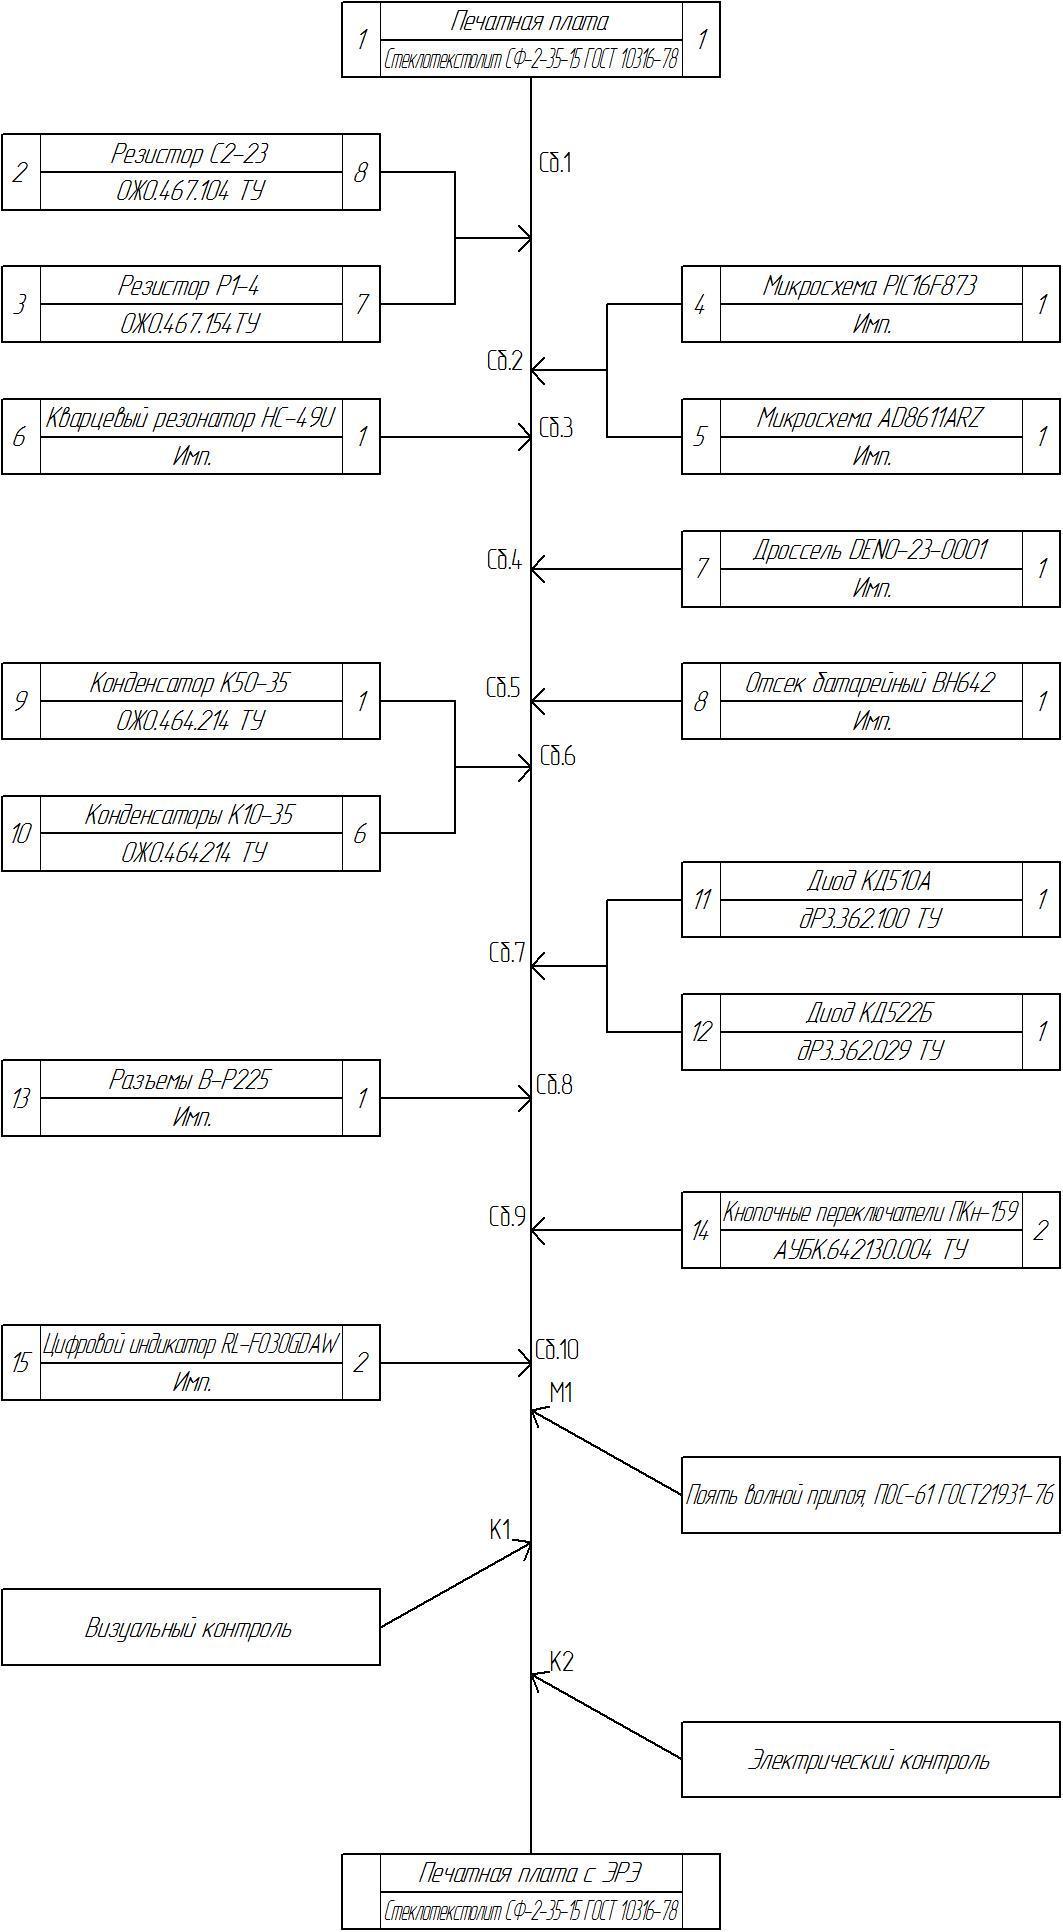 генераторы габ 2 т 230 м габаритные размеры схема справочник